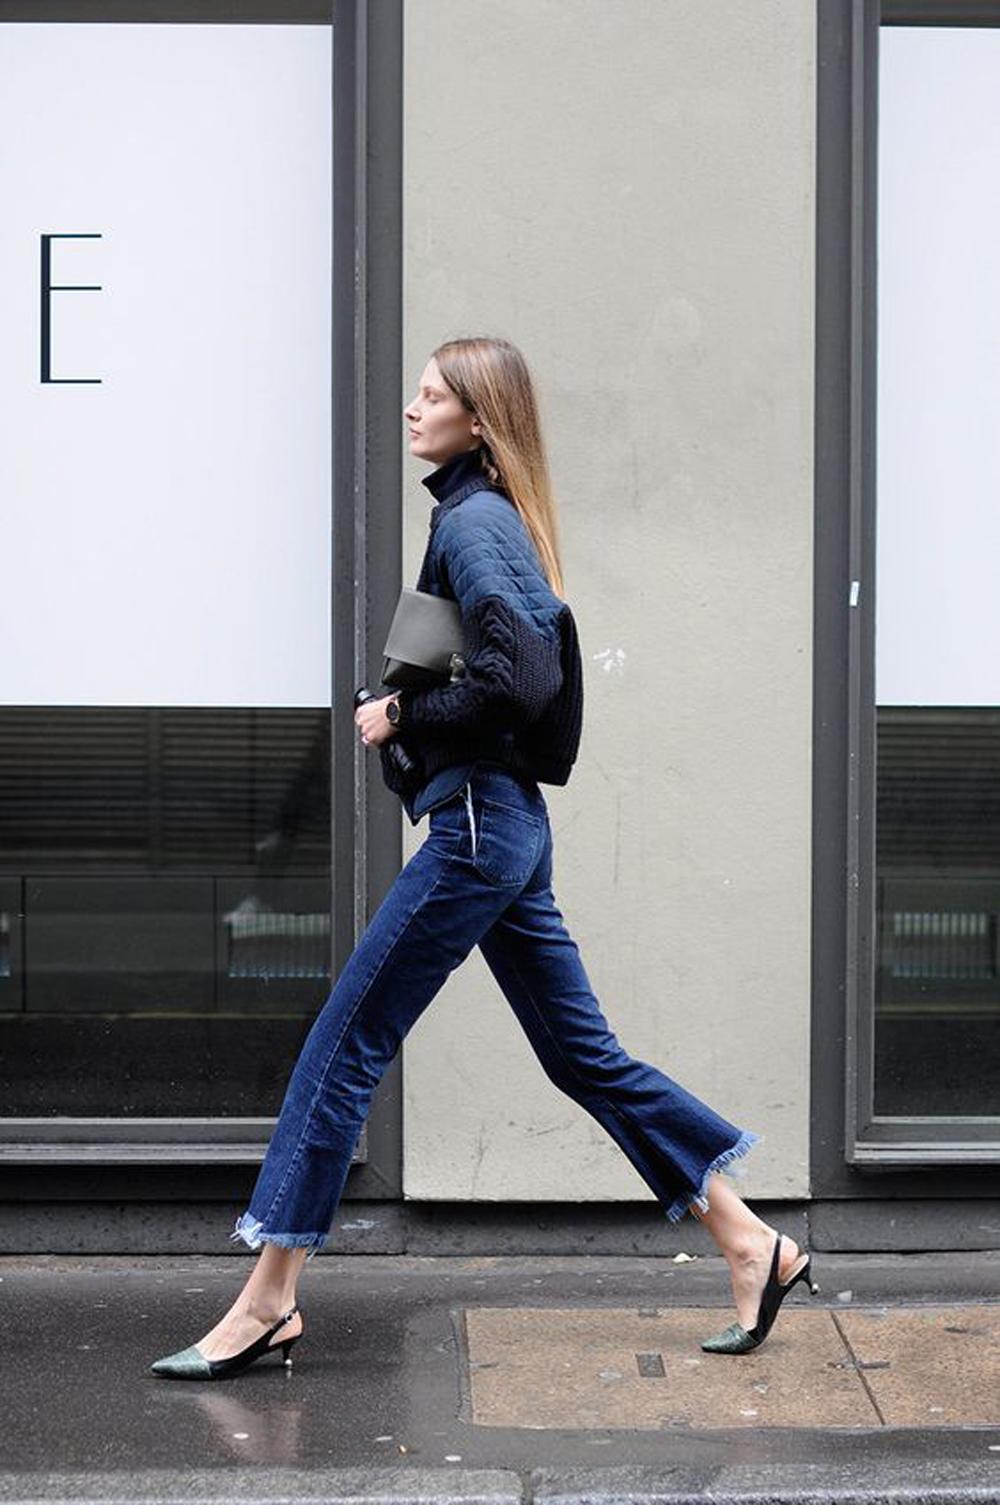 la moda pantaloni 2016 predilige il modello cropped flare